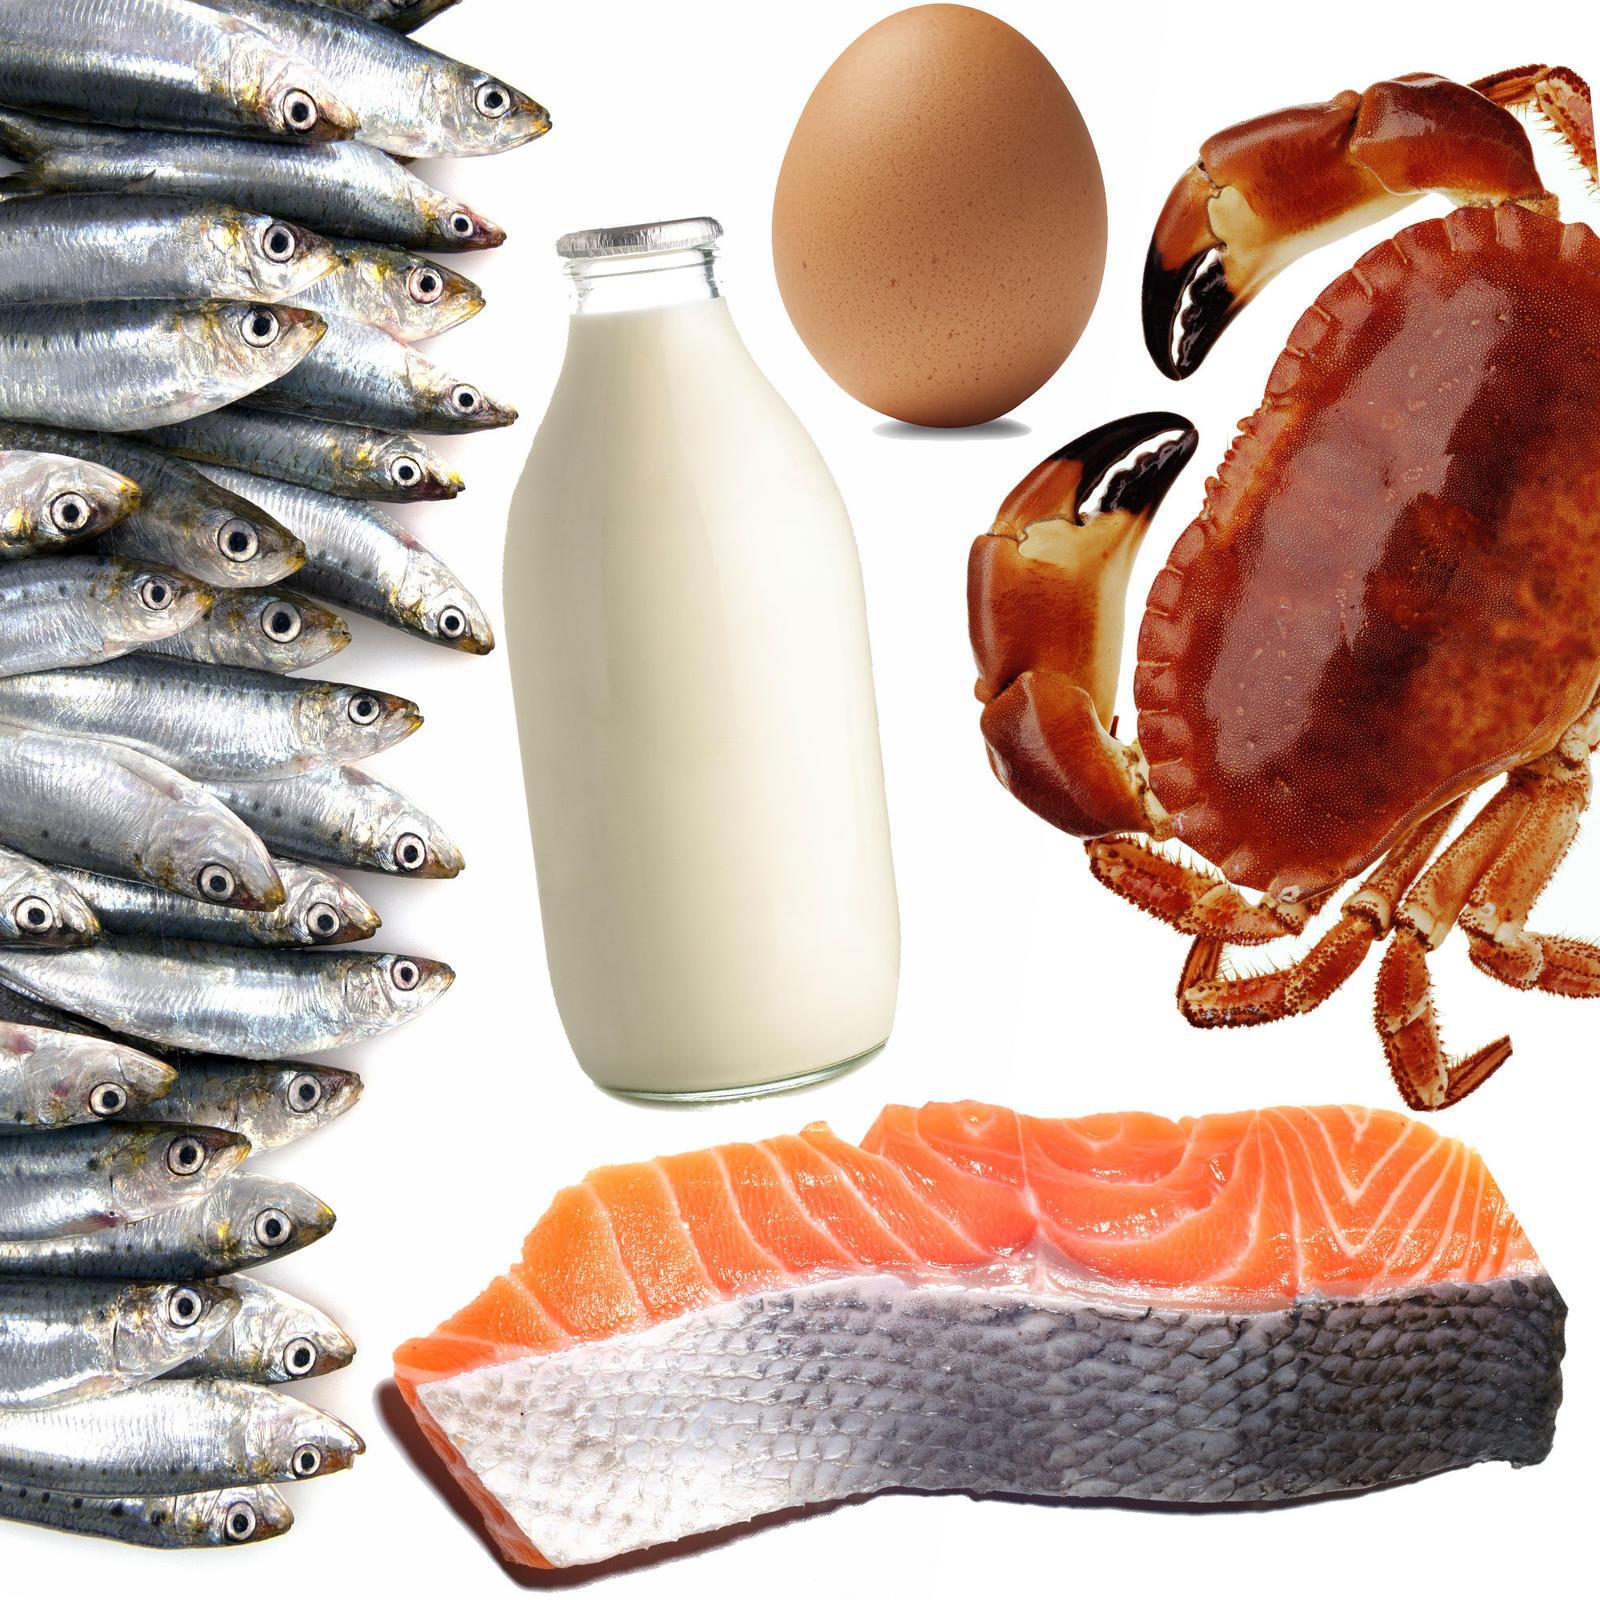 8 тревожных признаков, что вашему телу не хватает витамина В12 Последствия дефицита - ужасны.